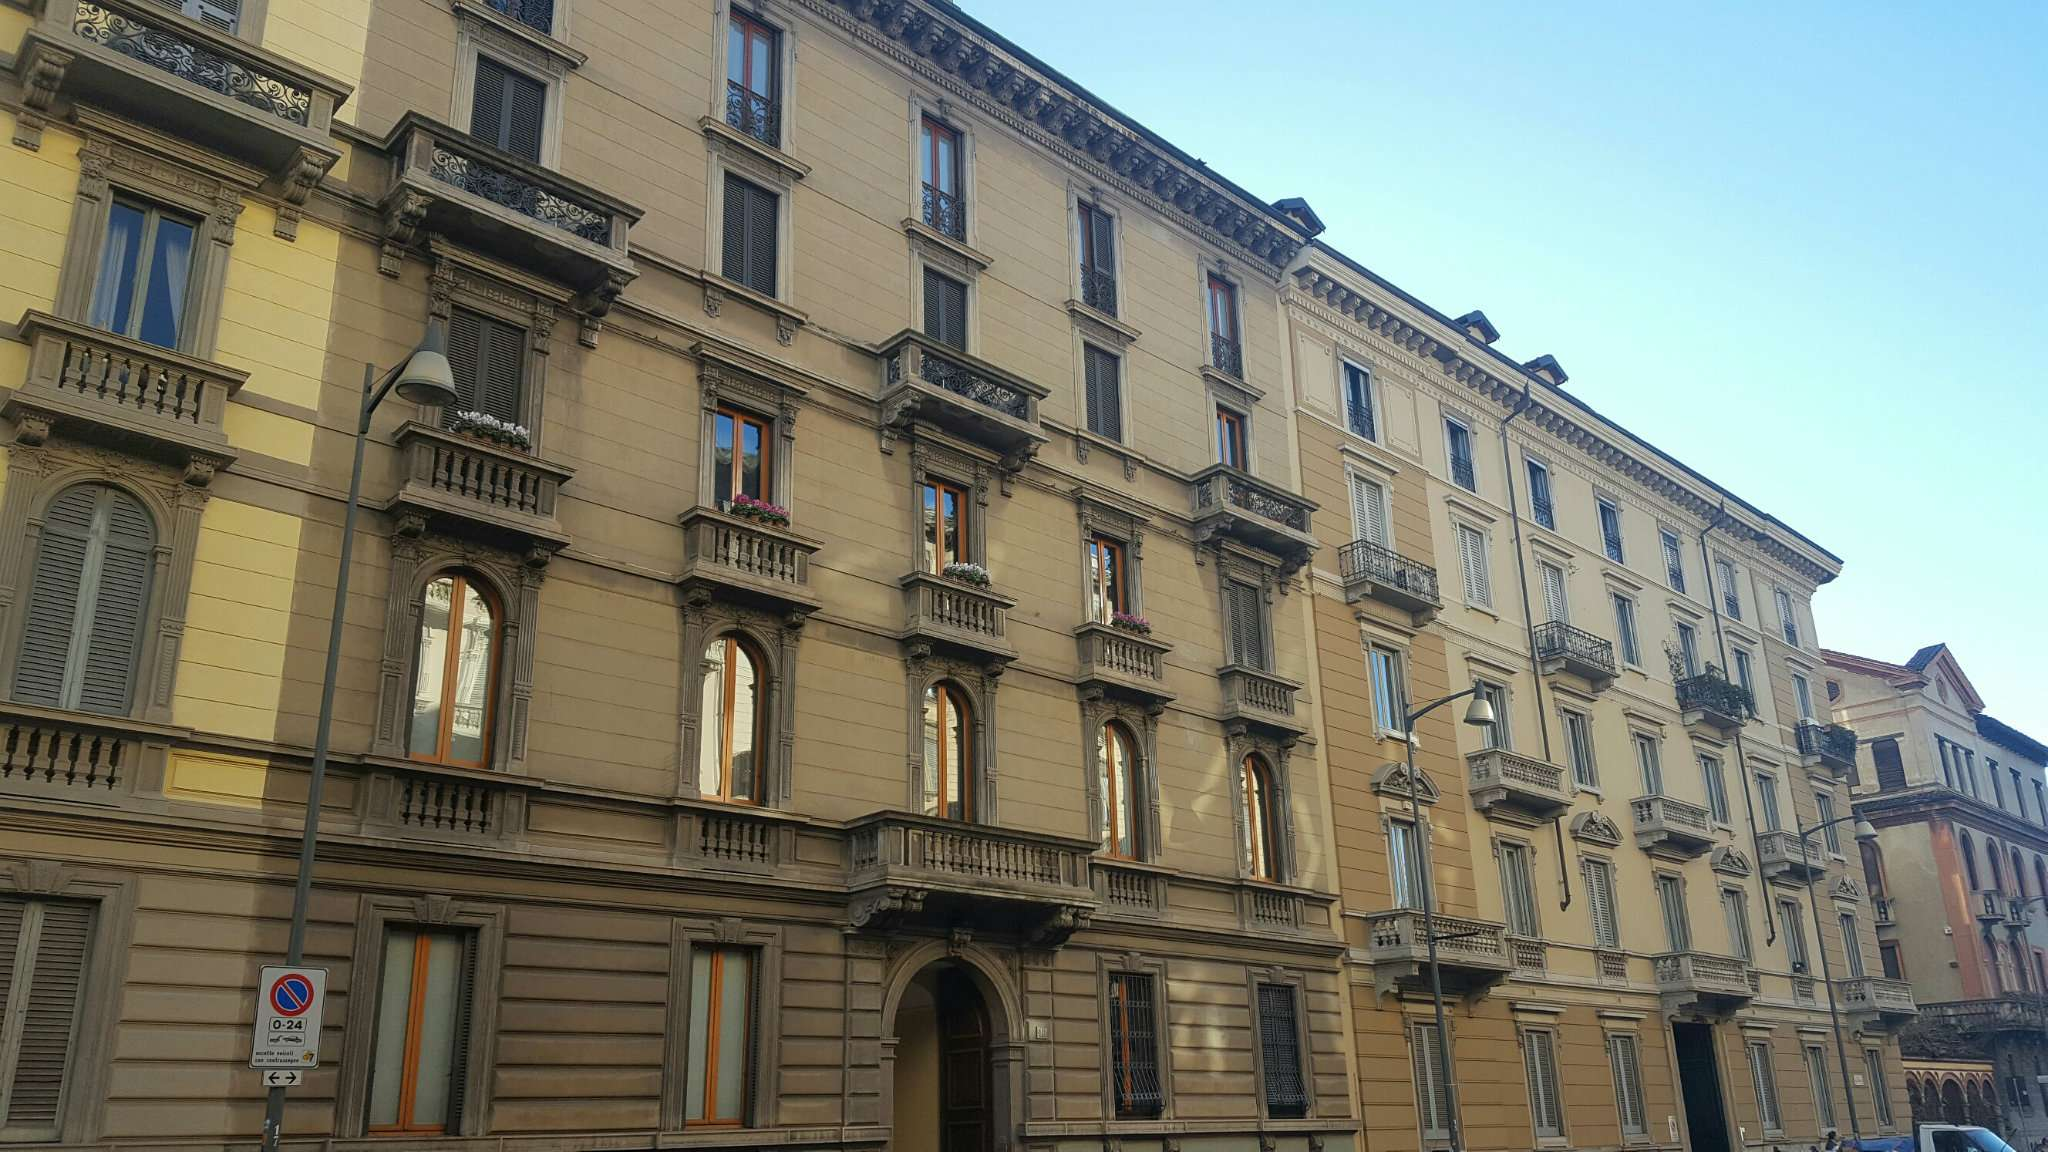 Appartamento in affitto a Milano, 2 locali, zona Zona: 1 . Centro Storico, Duomo, Brera, Cadorna, Cattolica, prezzo € 1.850 | Cambio Casa.it